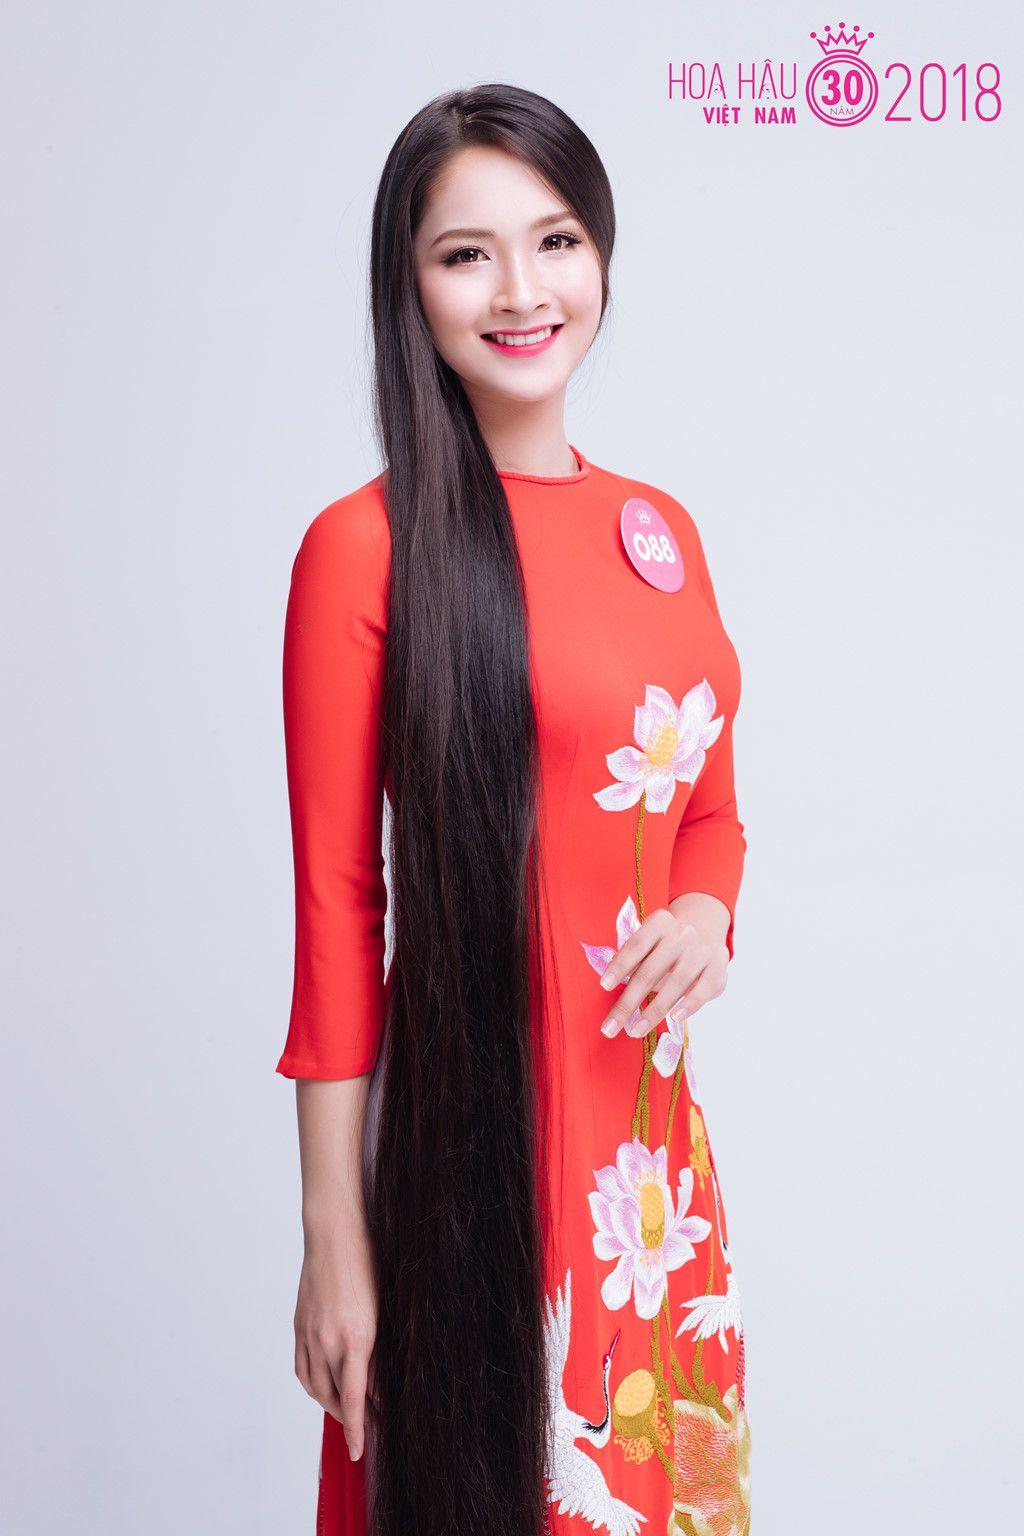 Người đẹp Hoa hậu Việt Nam 2018 khoe suối tóc dài ấn tượng hình ảnh 2